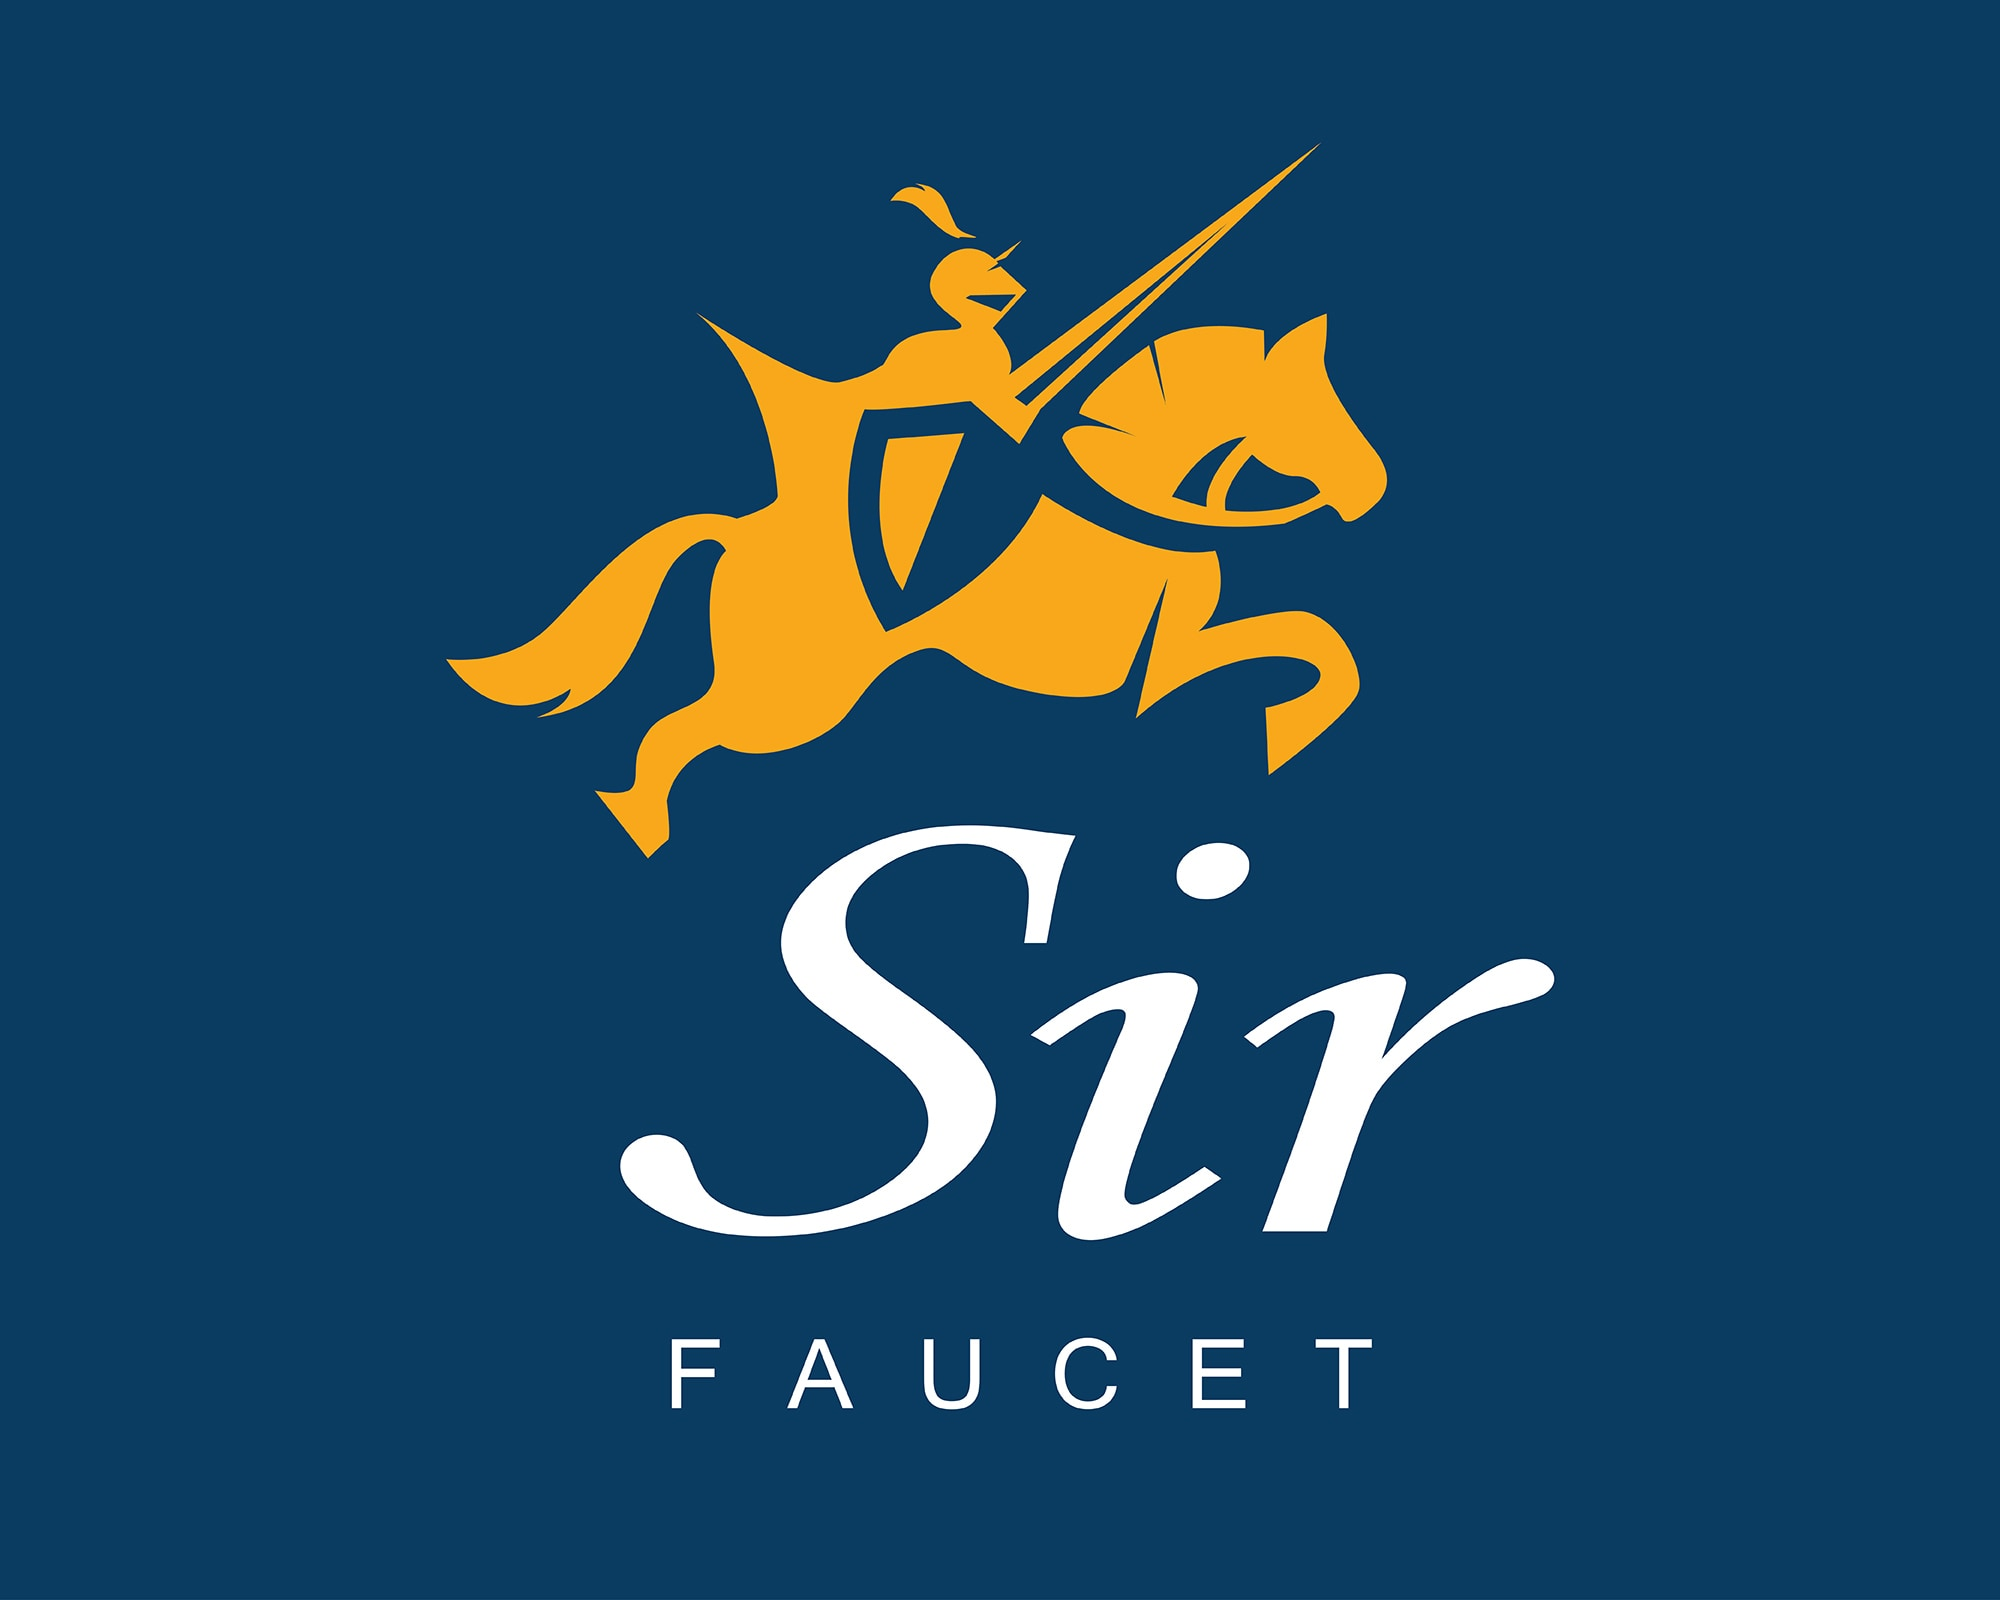 Sir Faucet